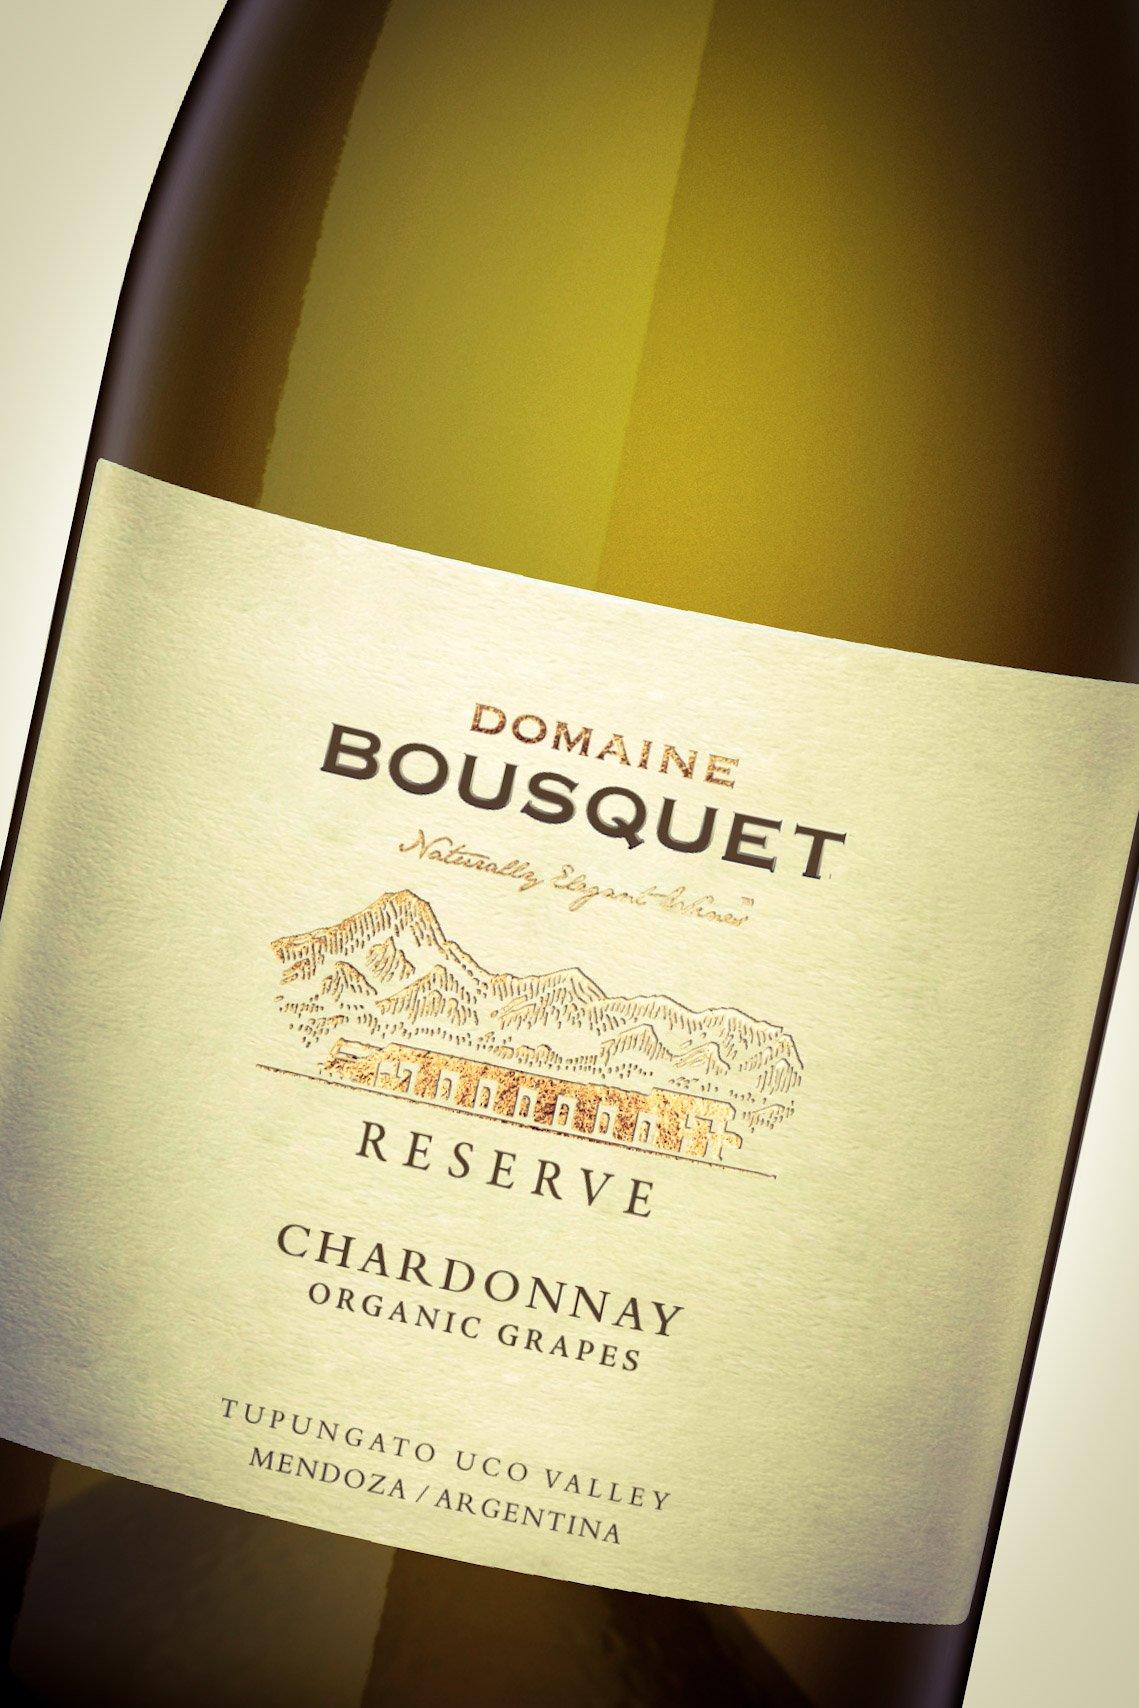 Domaine Bousquet y la búsqueda de vinos orgánicos elegantes 6